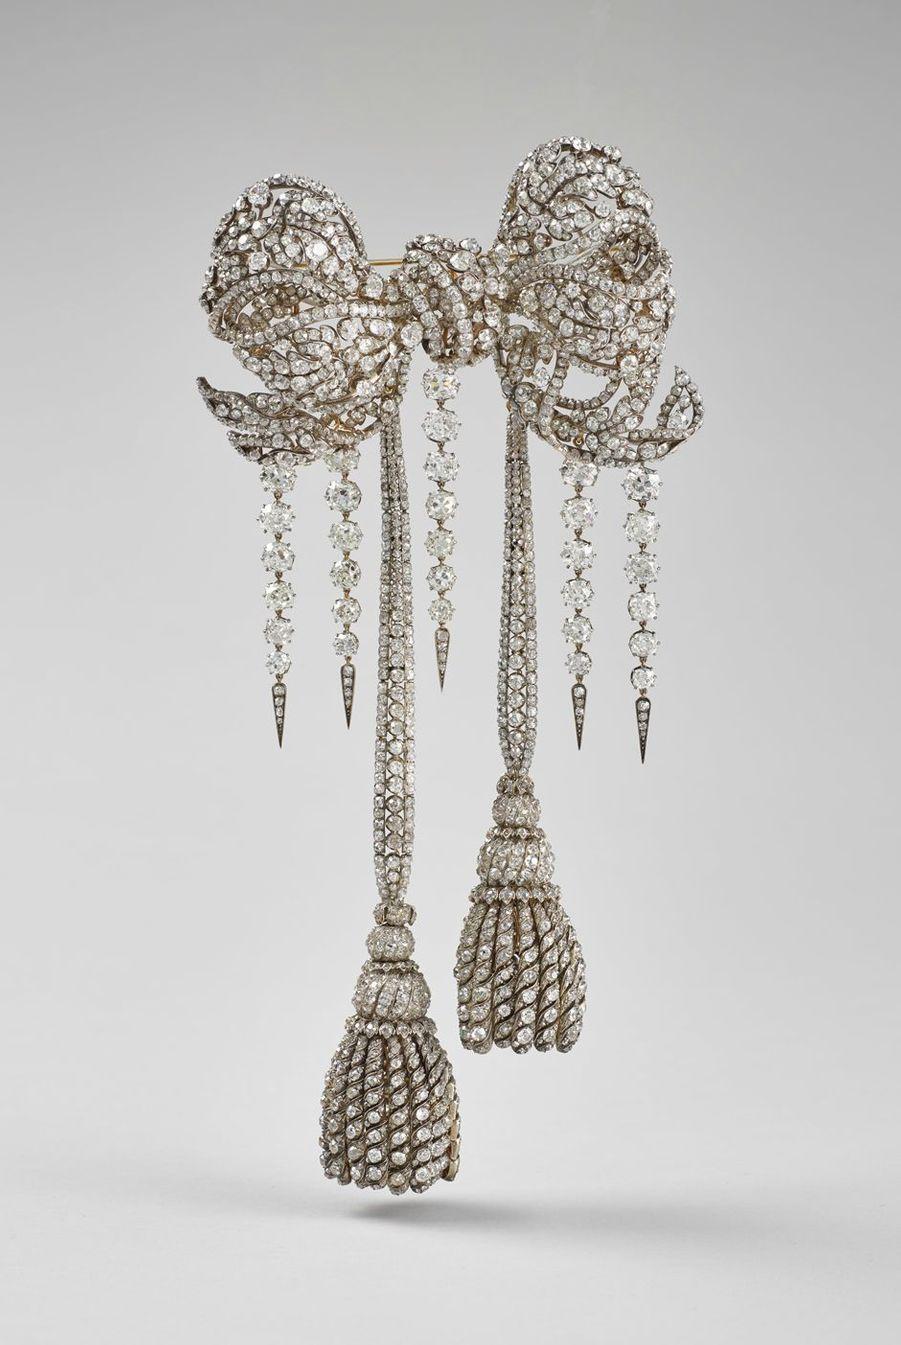 Grand noeud de corsage en diamants de l'impératrice Eugénie, de François Kramer, Paris 1855 et 1864. Musée du Louvre, Paris